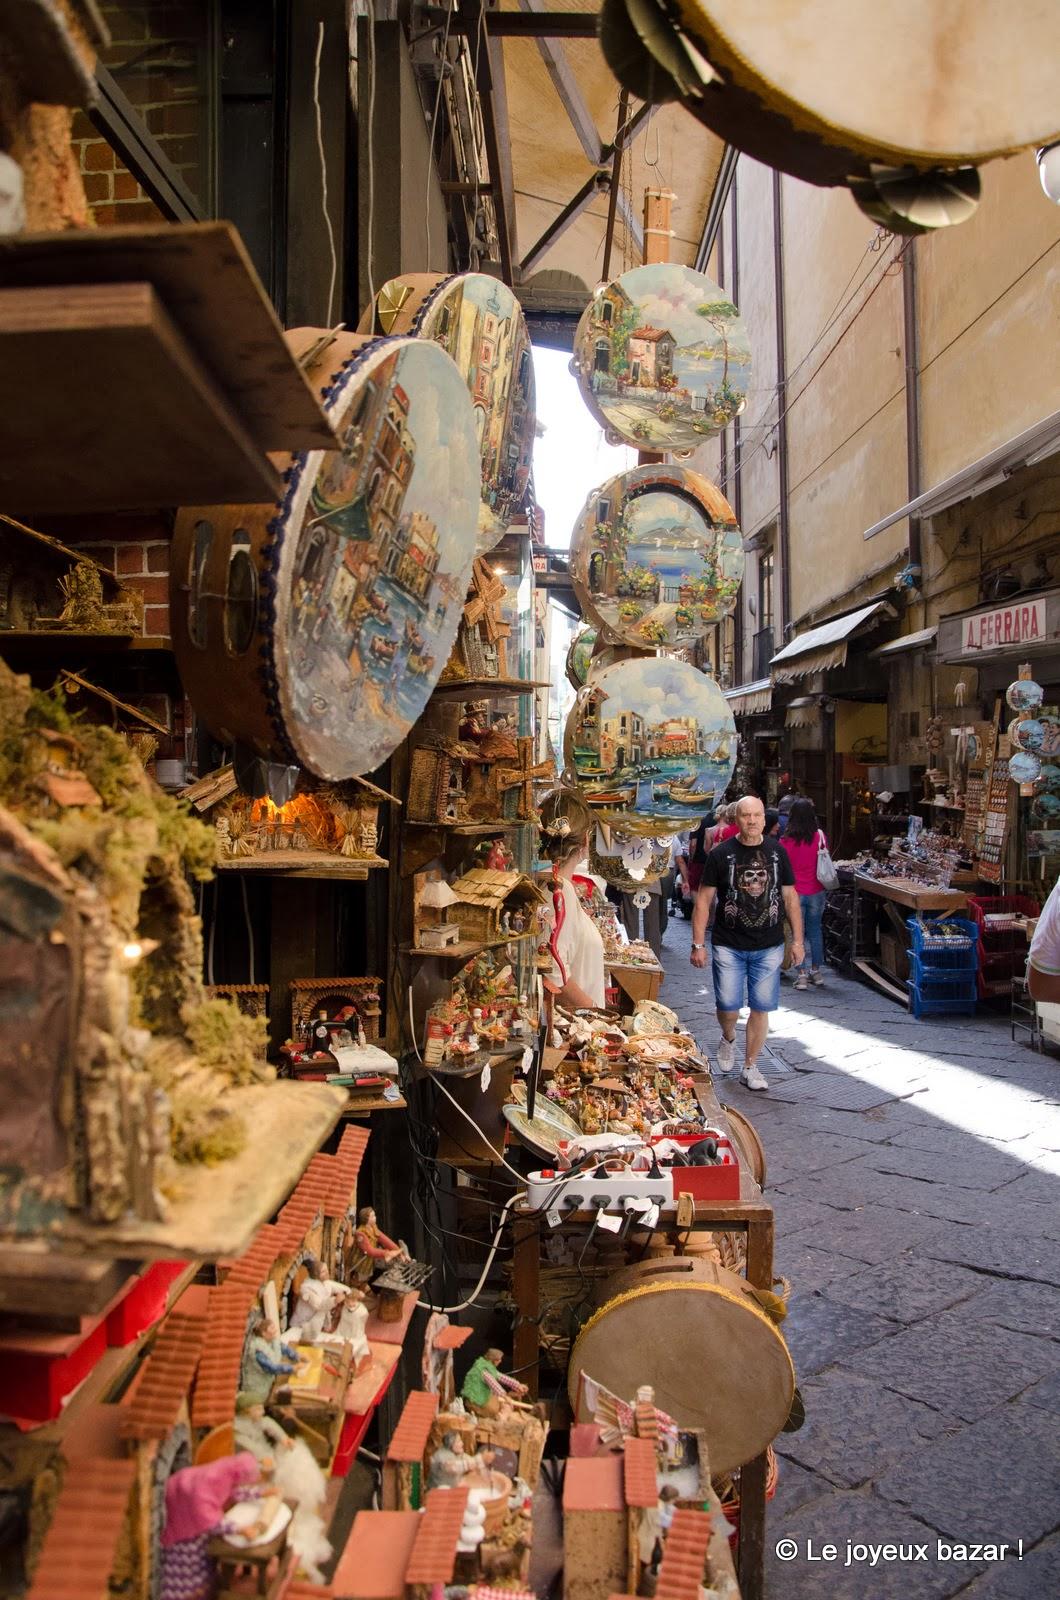 Naples - Via San Gregorio Armeno